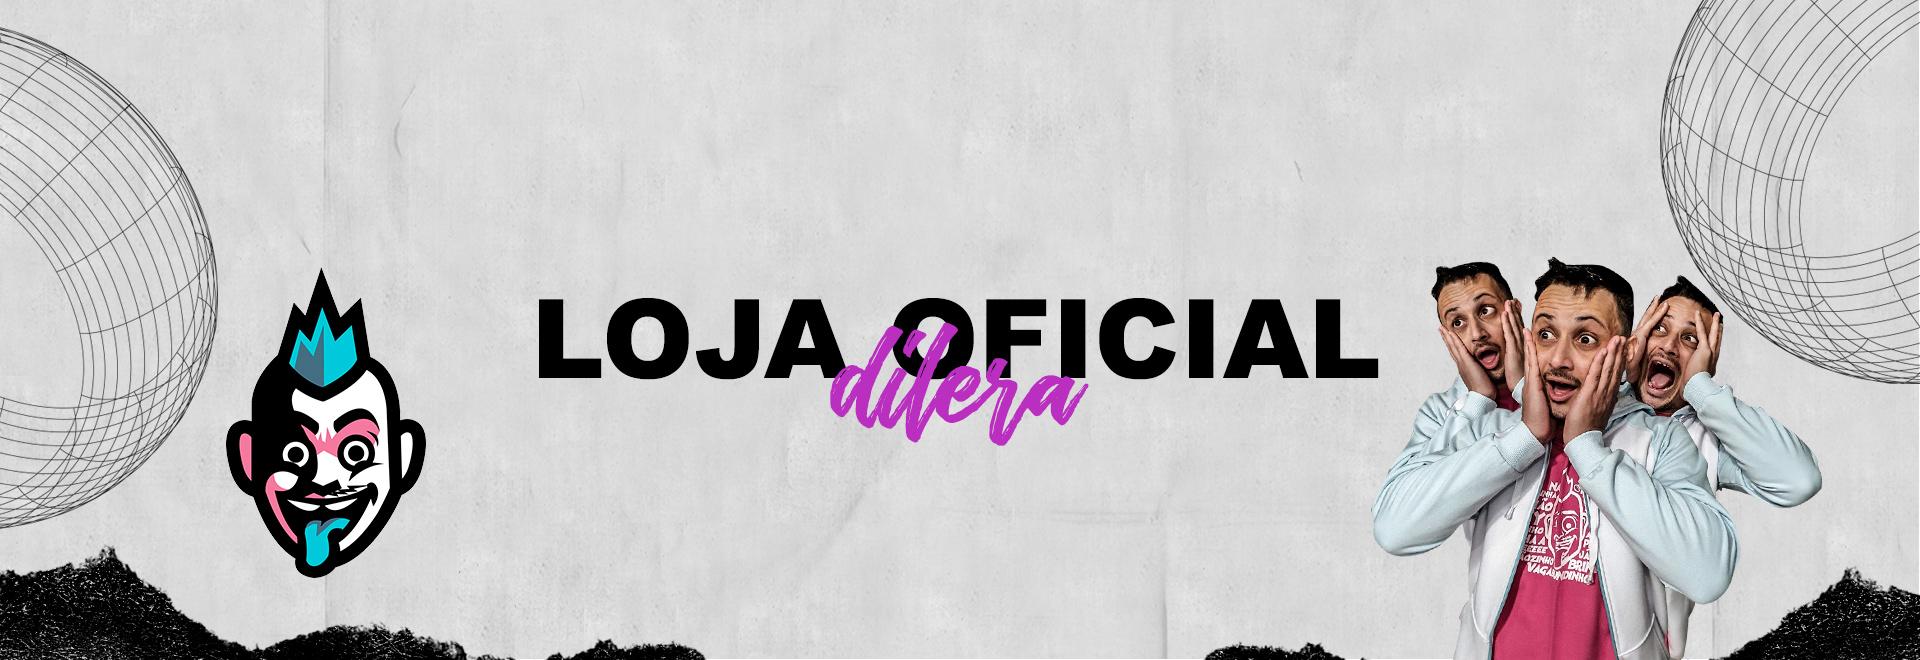 WAYUP: DILERA